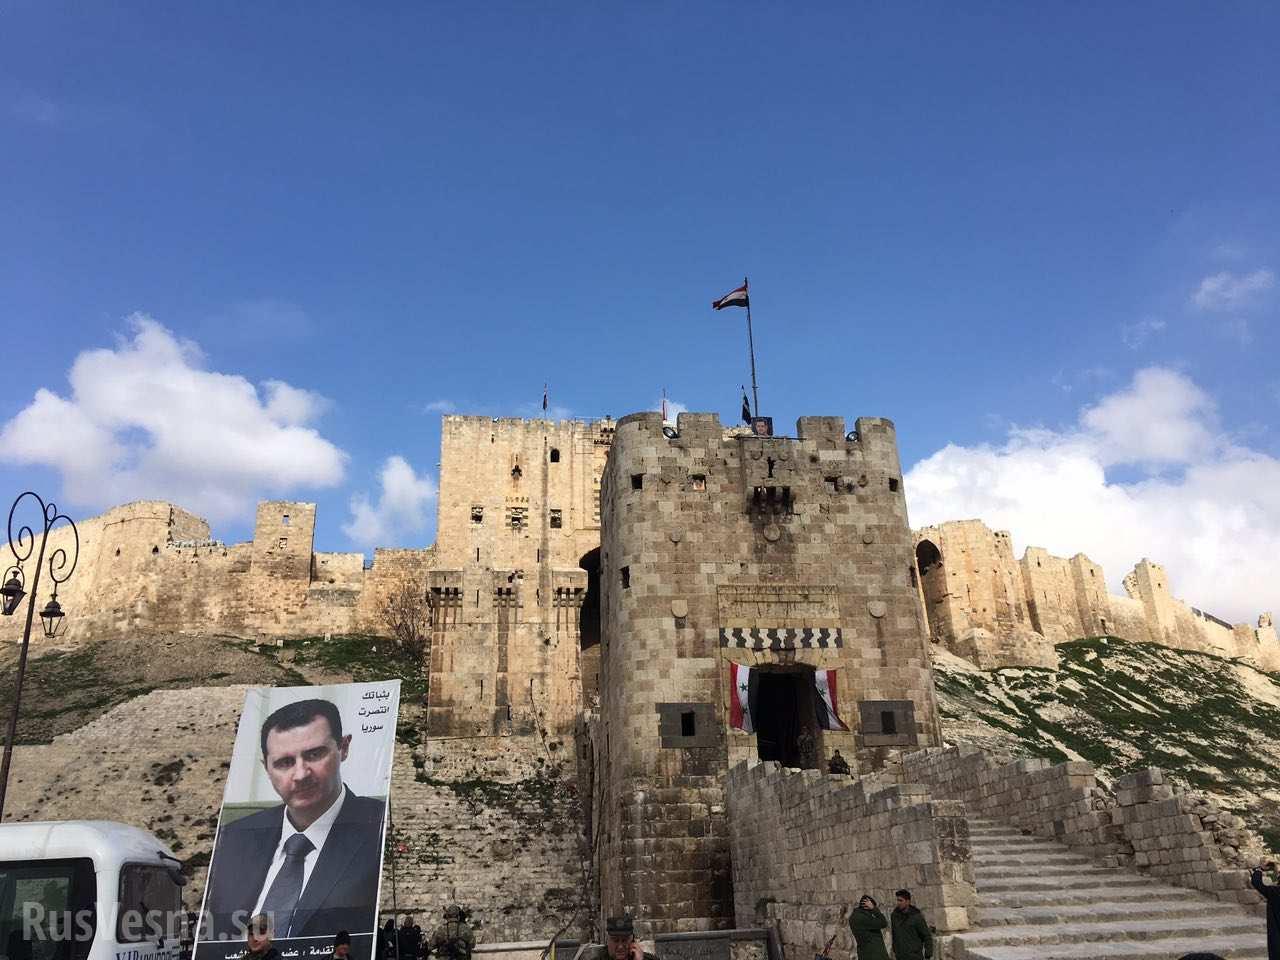 Россия — самая дорогая для сирийского сердца страна: В Алеппо болели за свою сборную и мечтали о поездке на ЧМ-2018 (ФОТО)